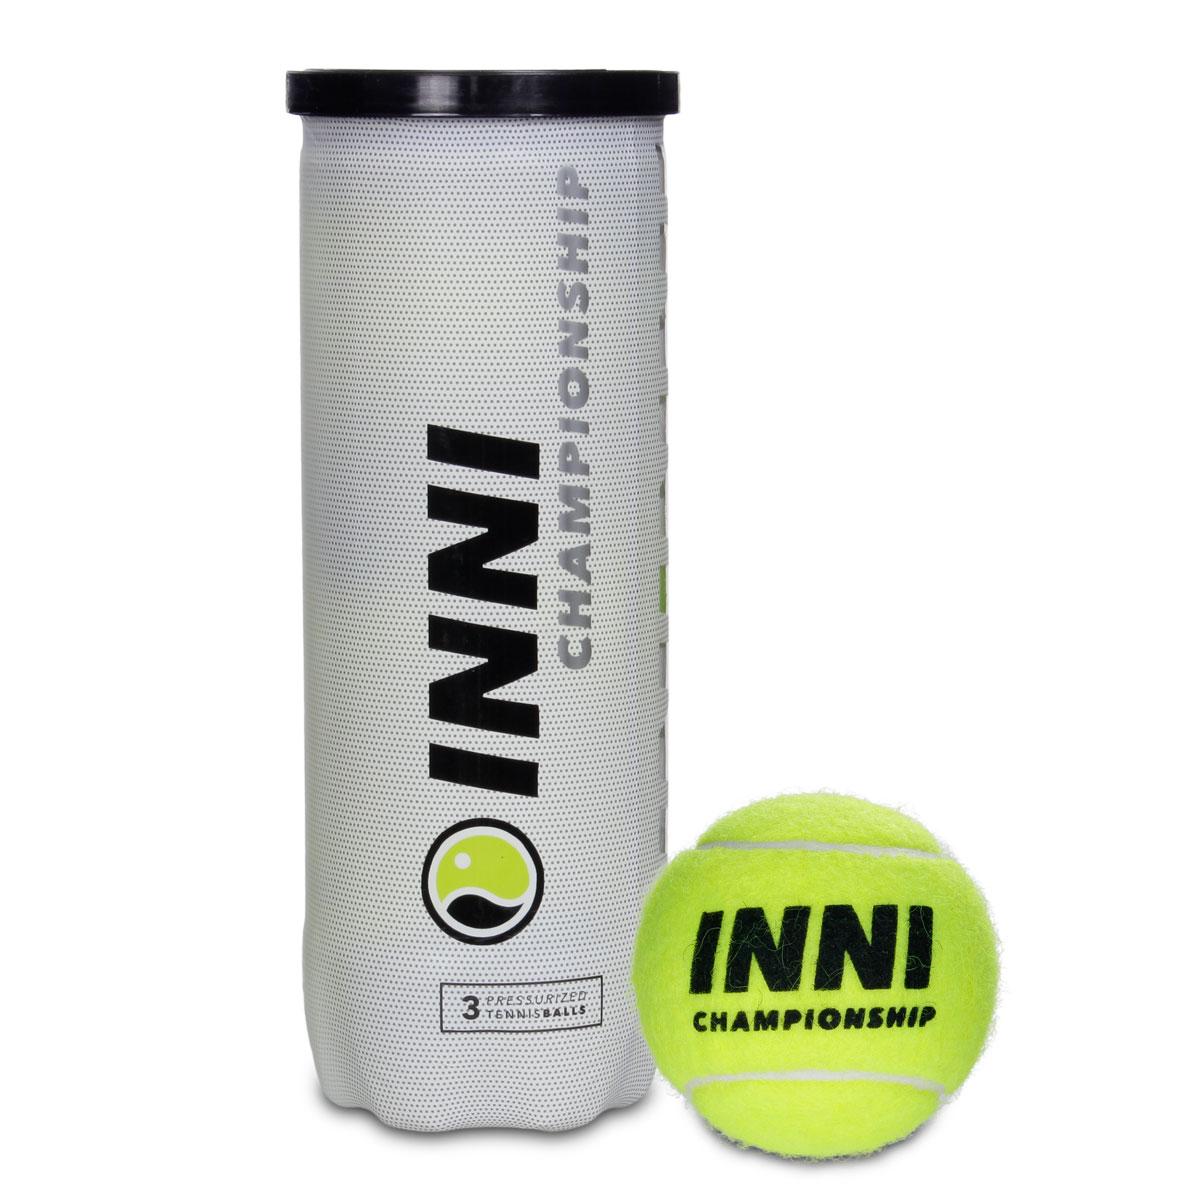 Bola de Tênis Inni Championship - Tubo com 3 bolas   - PROTENISTA